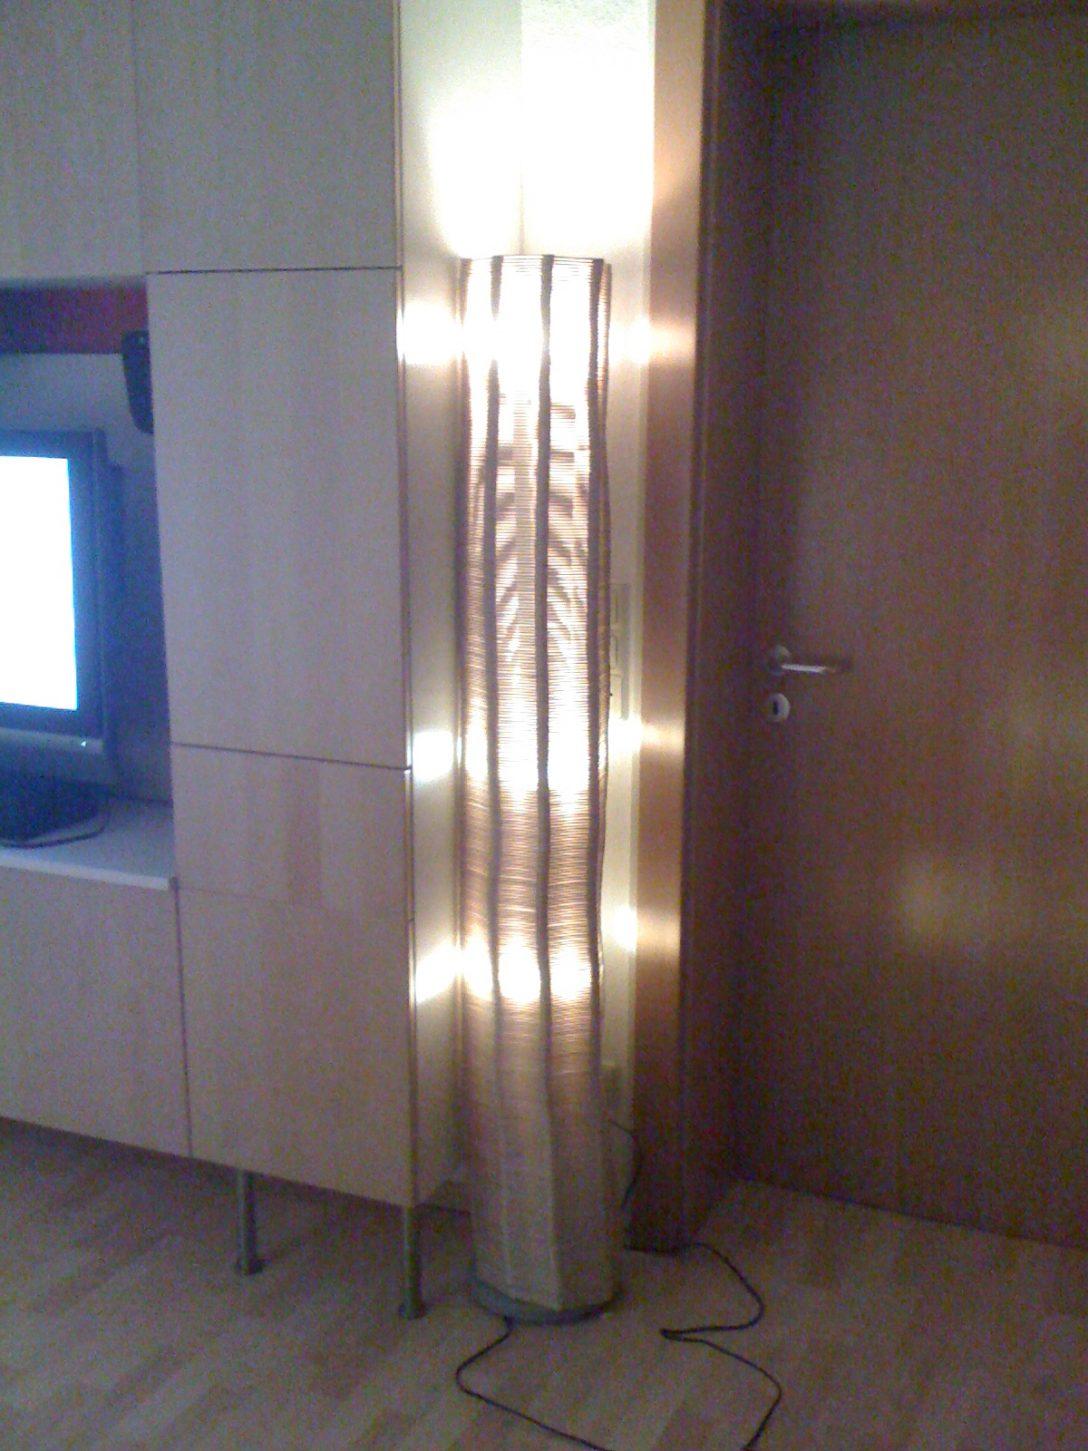 Large Size of Ikea Stehlampen Designer Stehlampe Aus Eisstielen Betten 160x200 Küche Kaufen Bei Miniküche Wohnzimmer Sofa Mit Schlaffunktion Kosten Modulküche Wohnzimmer Ikea Stehlampen